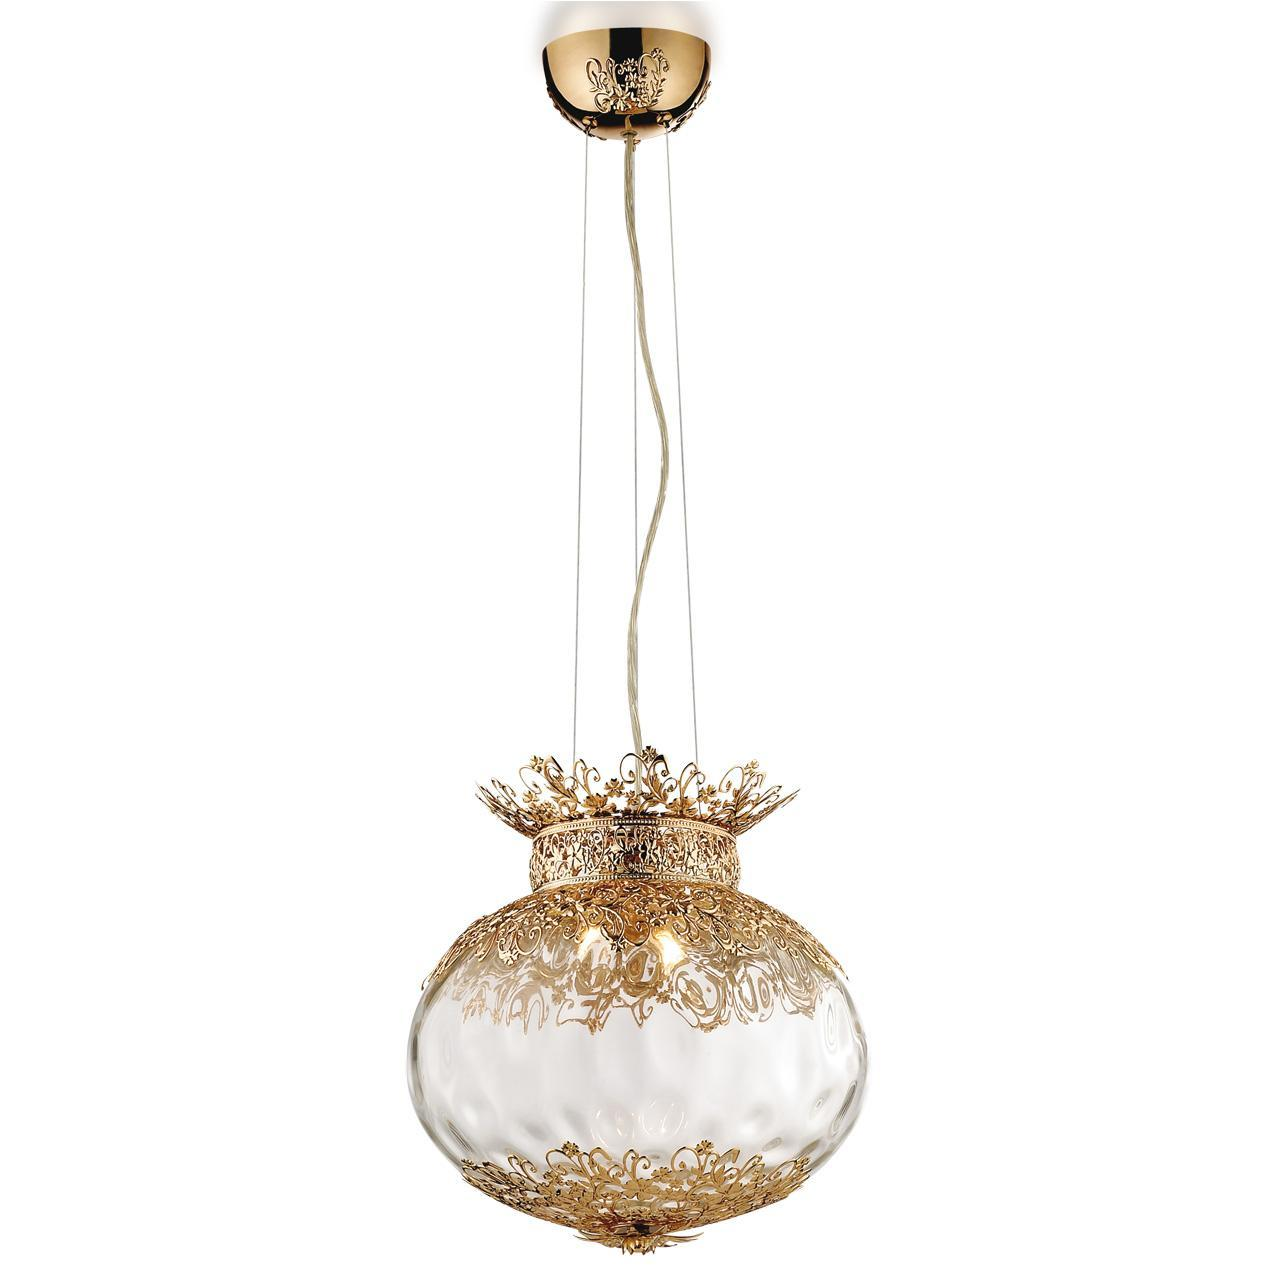 Подвесной светильник Odeon Light Petra 2673/4 светильник 2673 4 petra odeon 927400